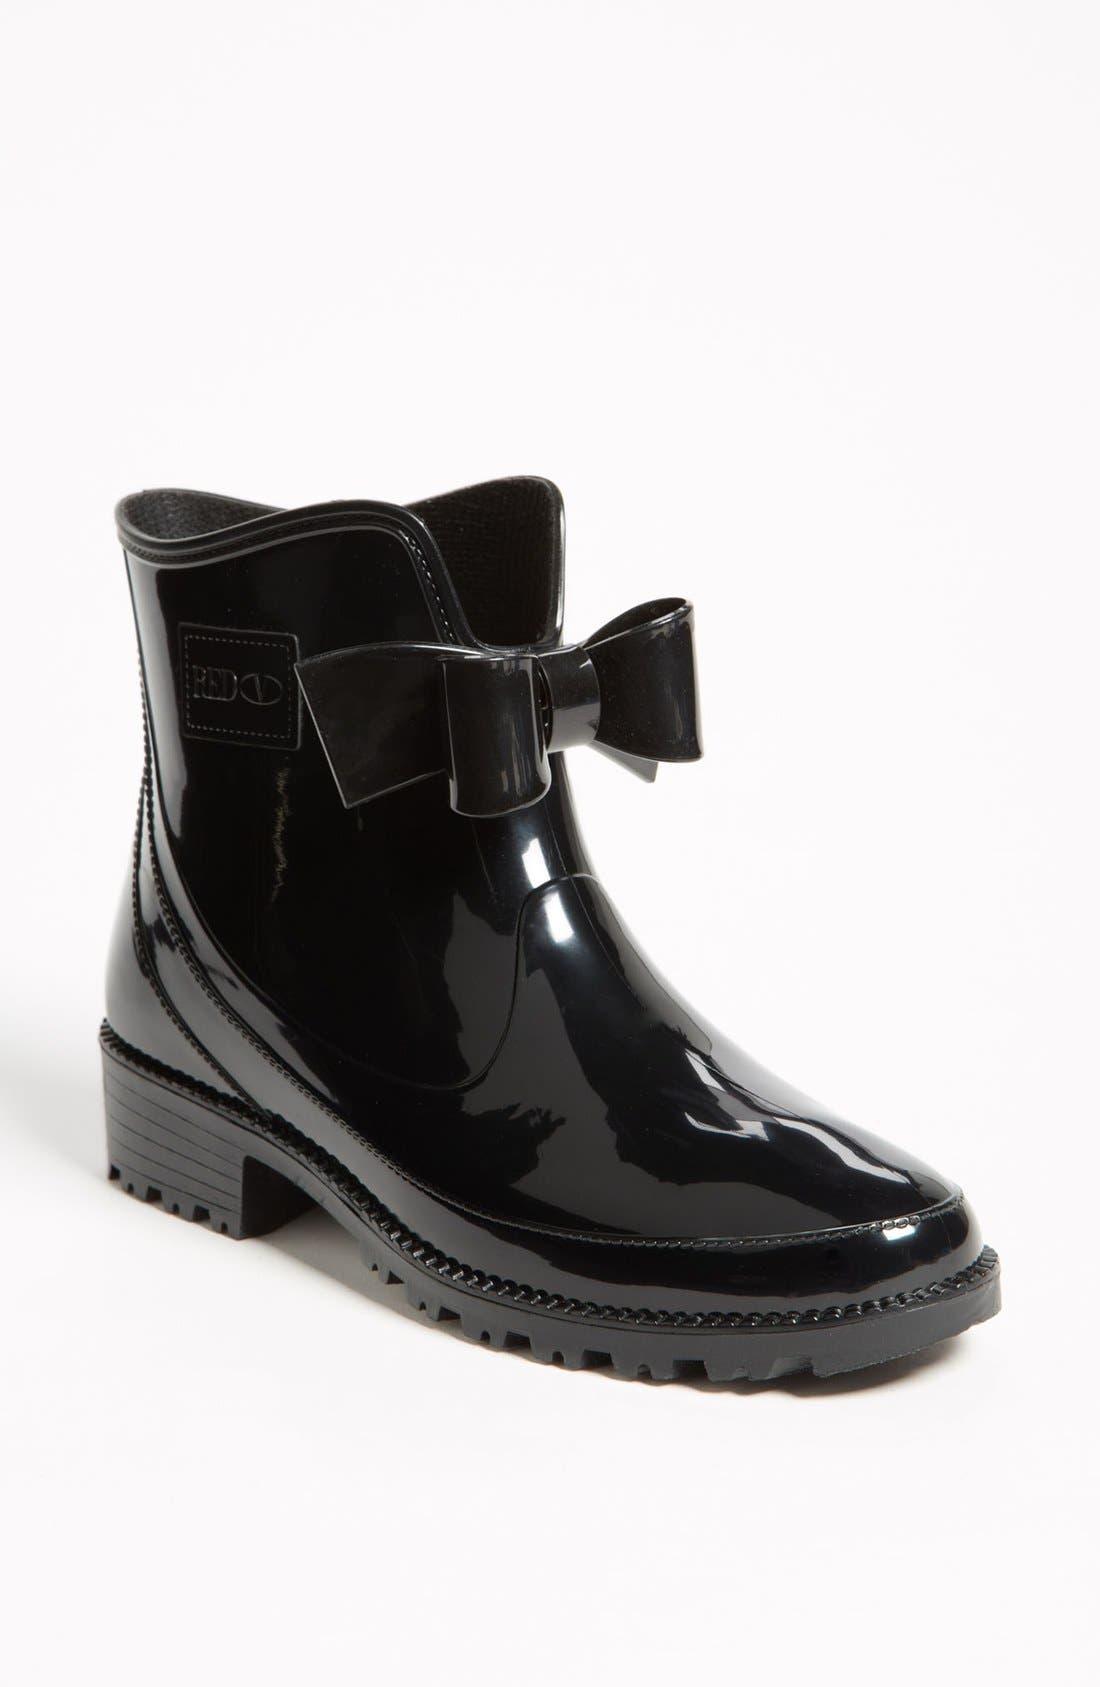 RED VALENTINO, 'Bow' Rain Boot, Main thumbnail 1, color, 001